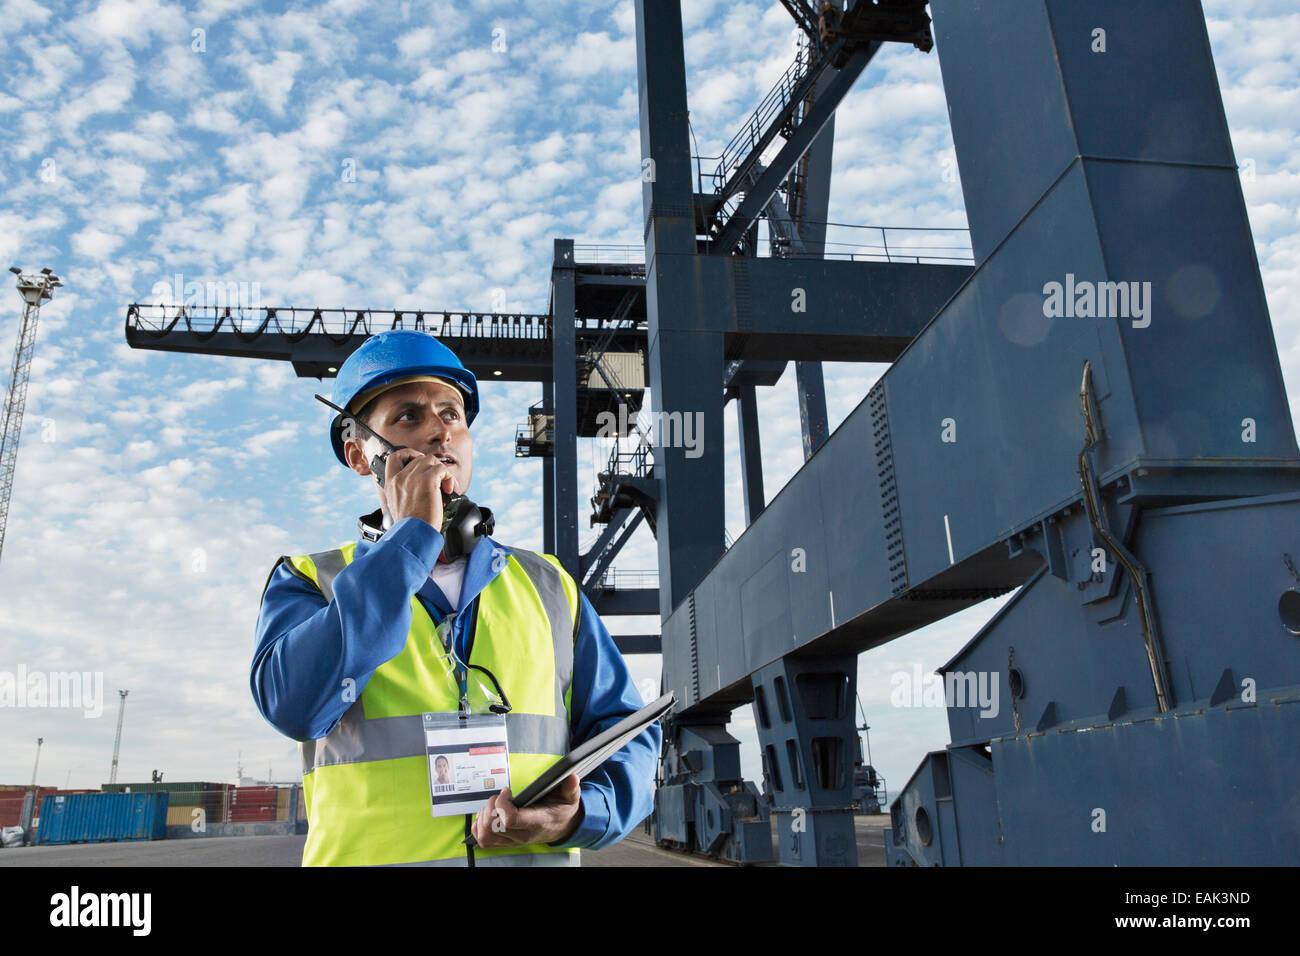 Arbeiter mit Walkie-talkie unter Ladung Kran Stockbild